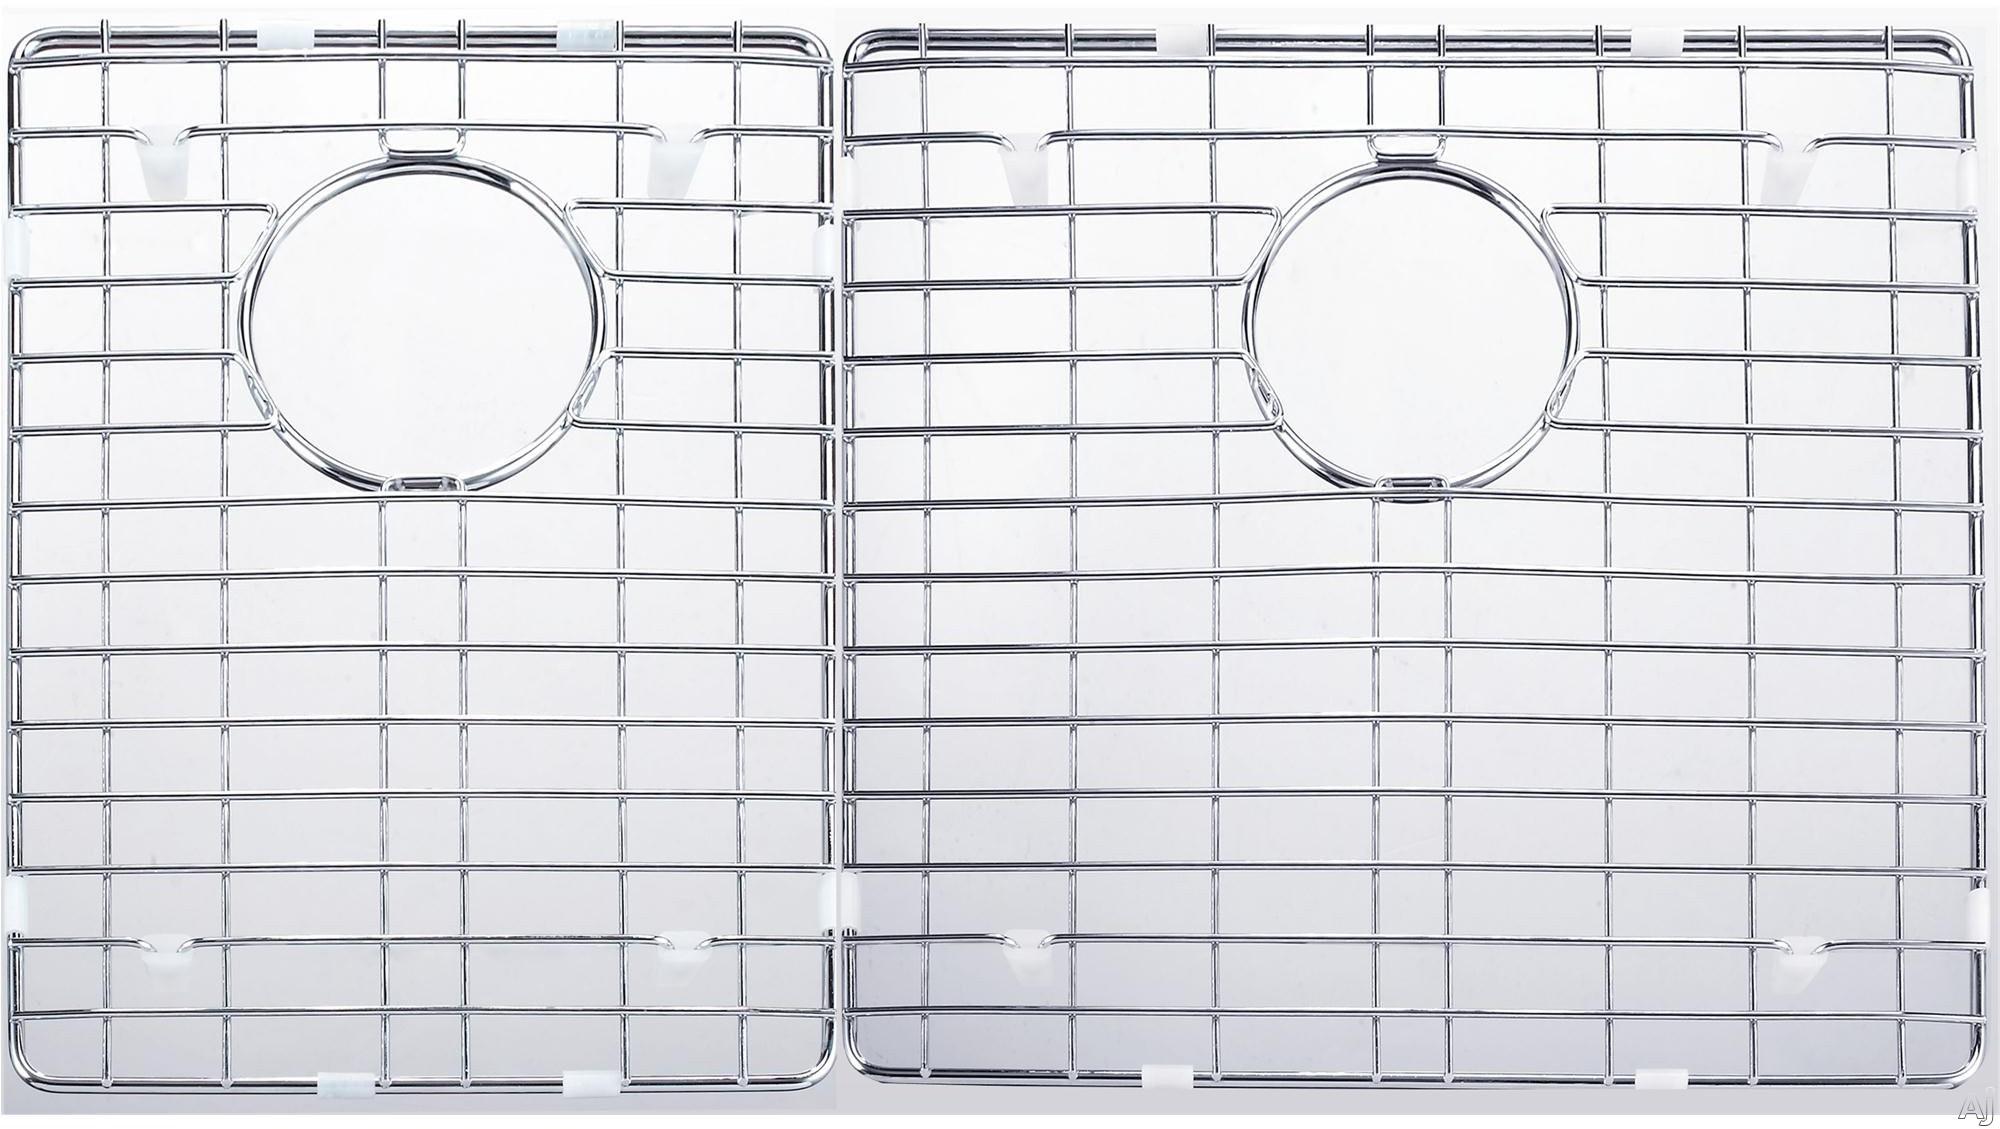 Kitchen sink grids Photo - 11